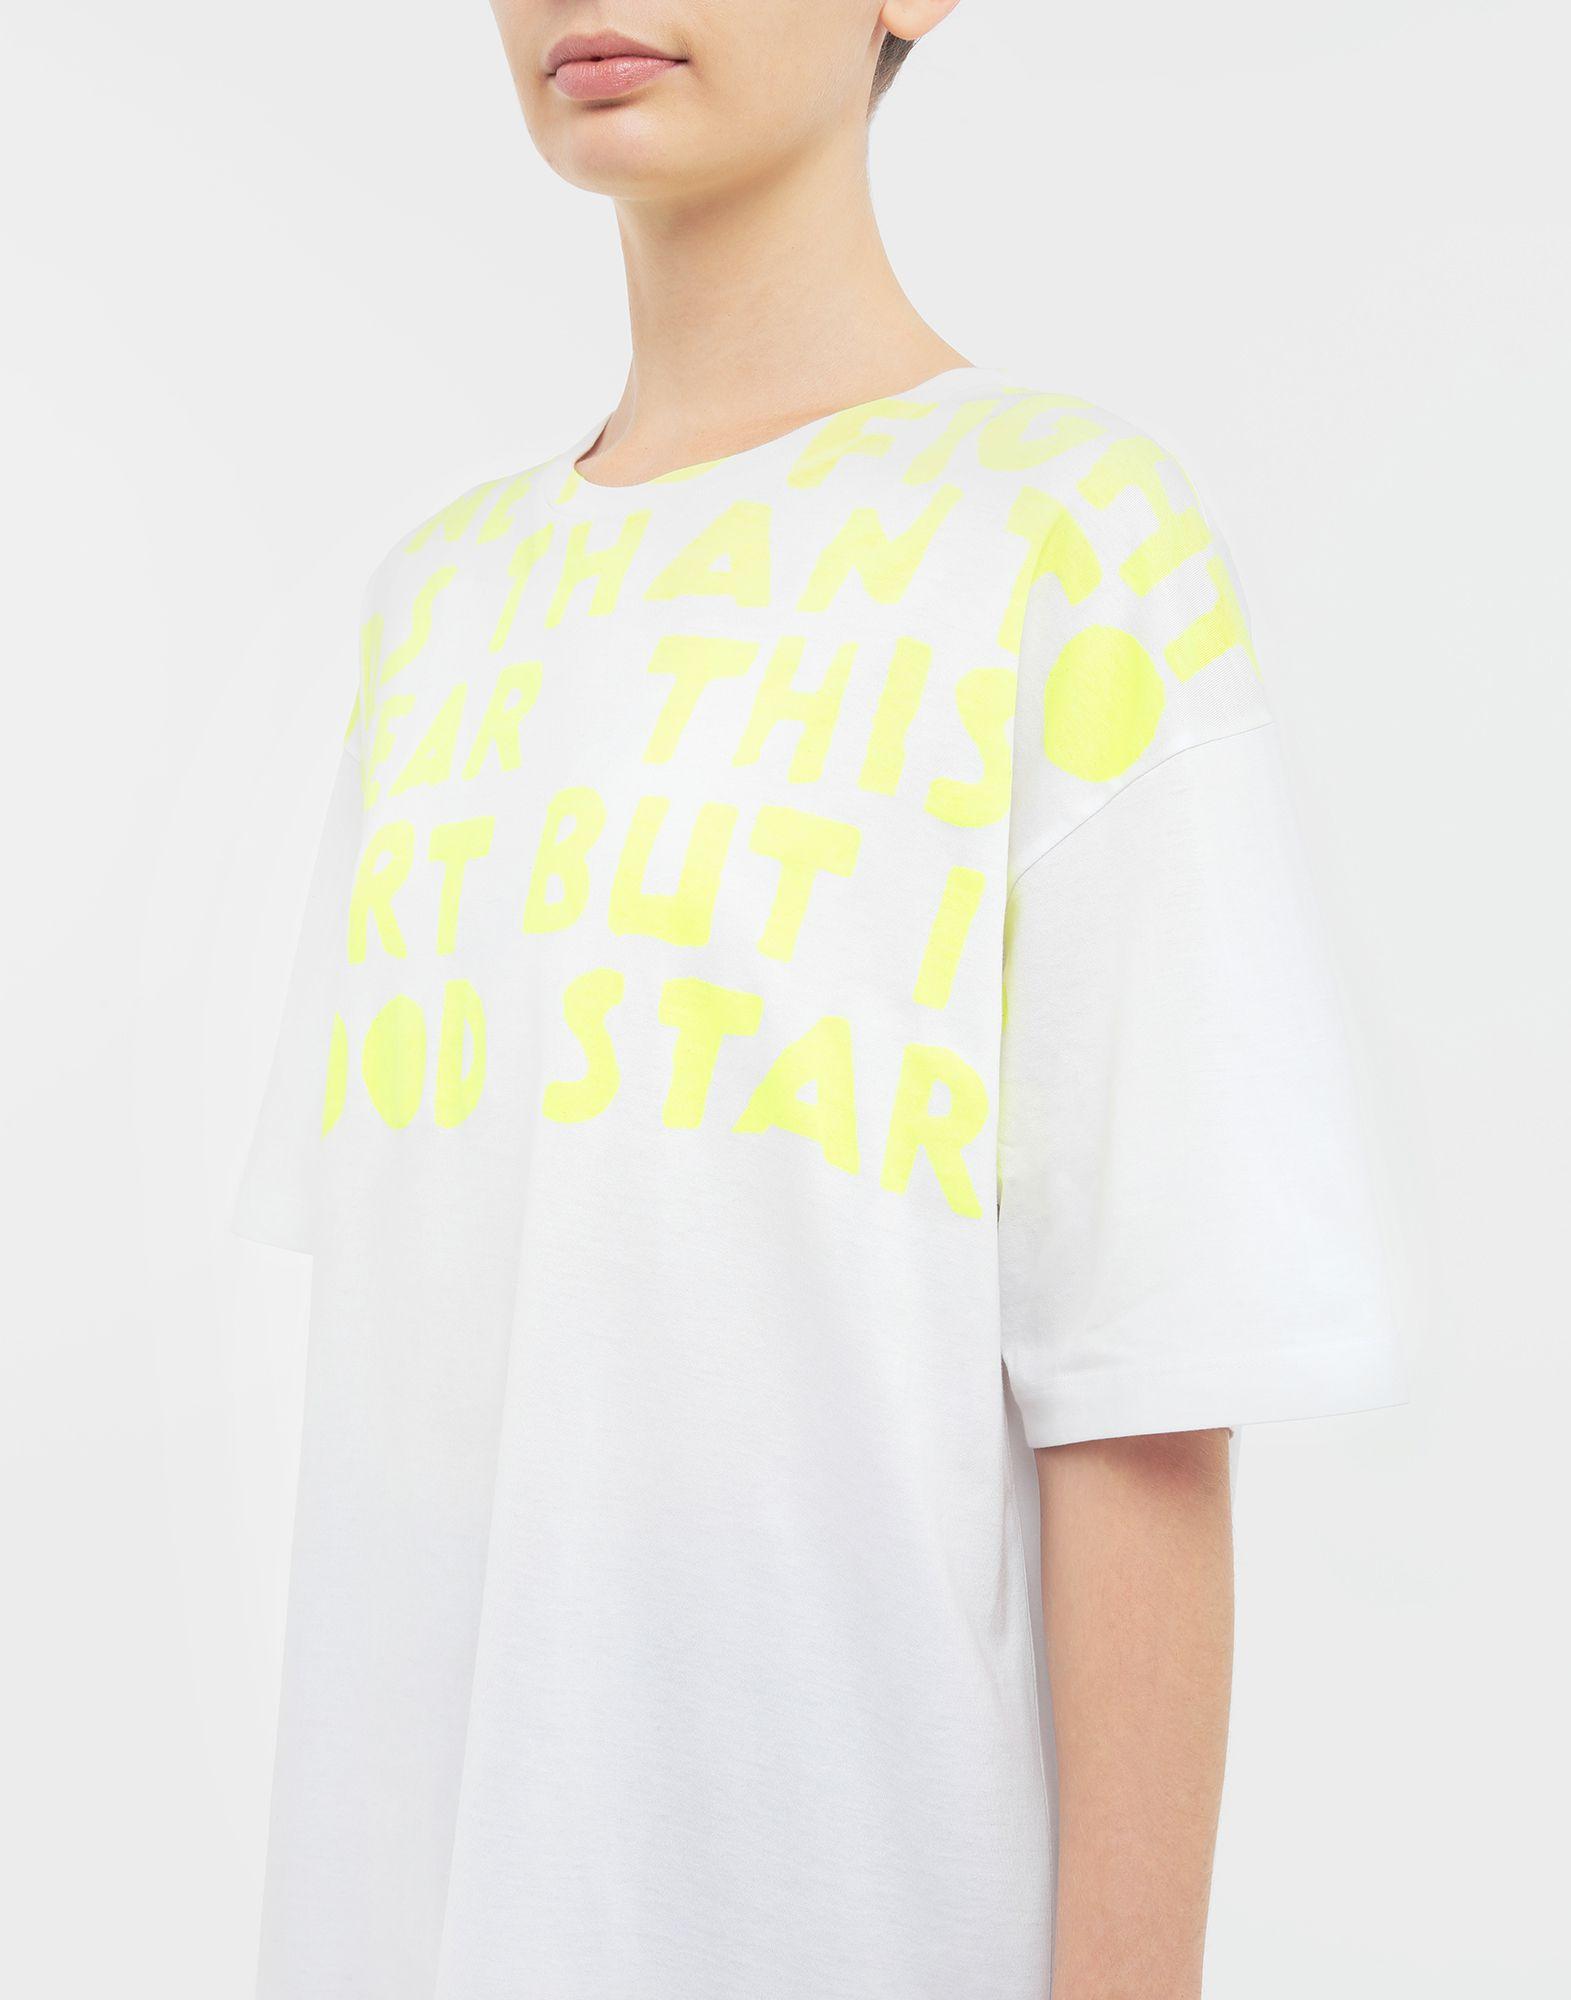 MAISON MARGIELA AIDS Charity-print jersey T-shirt Short sleeve t-shirt Woman a